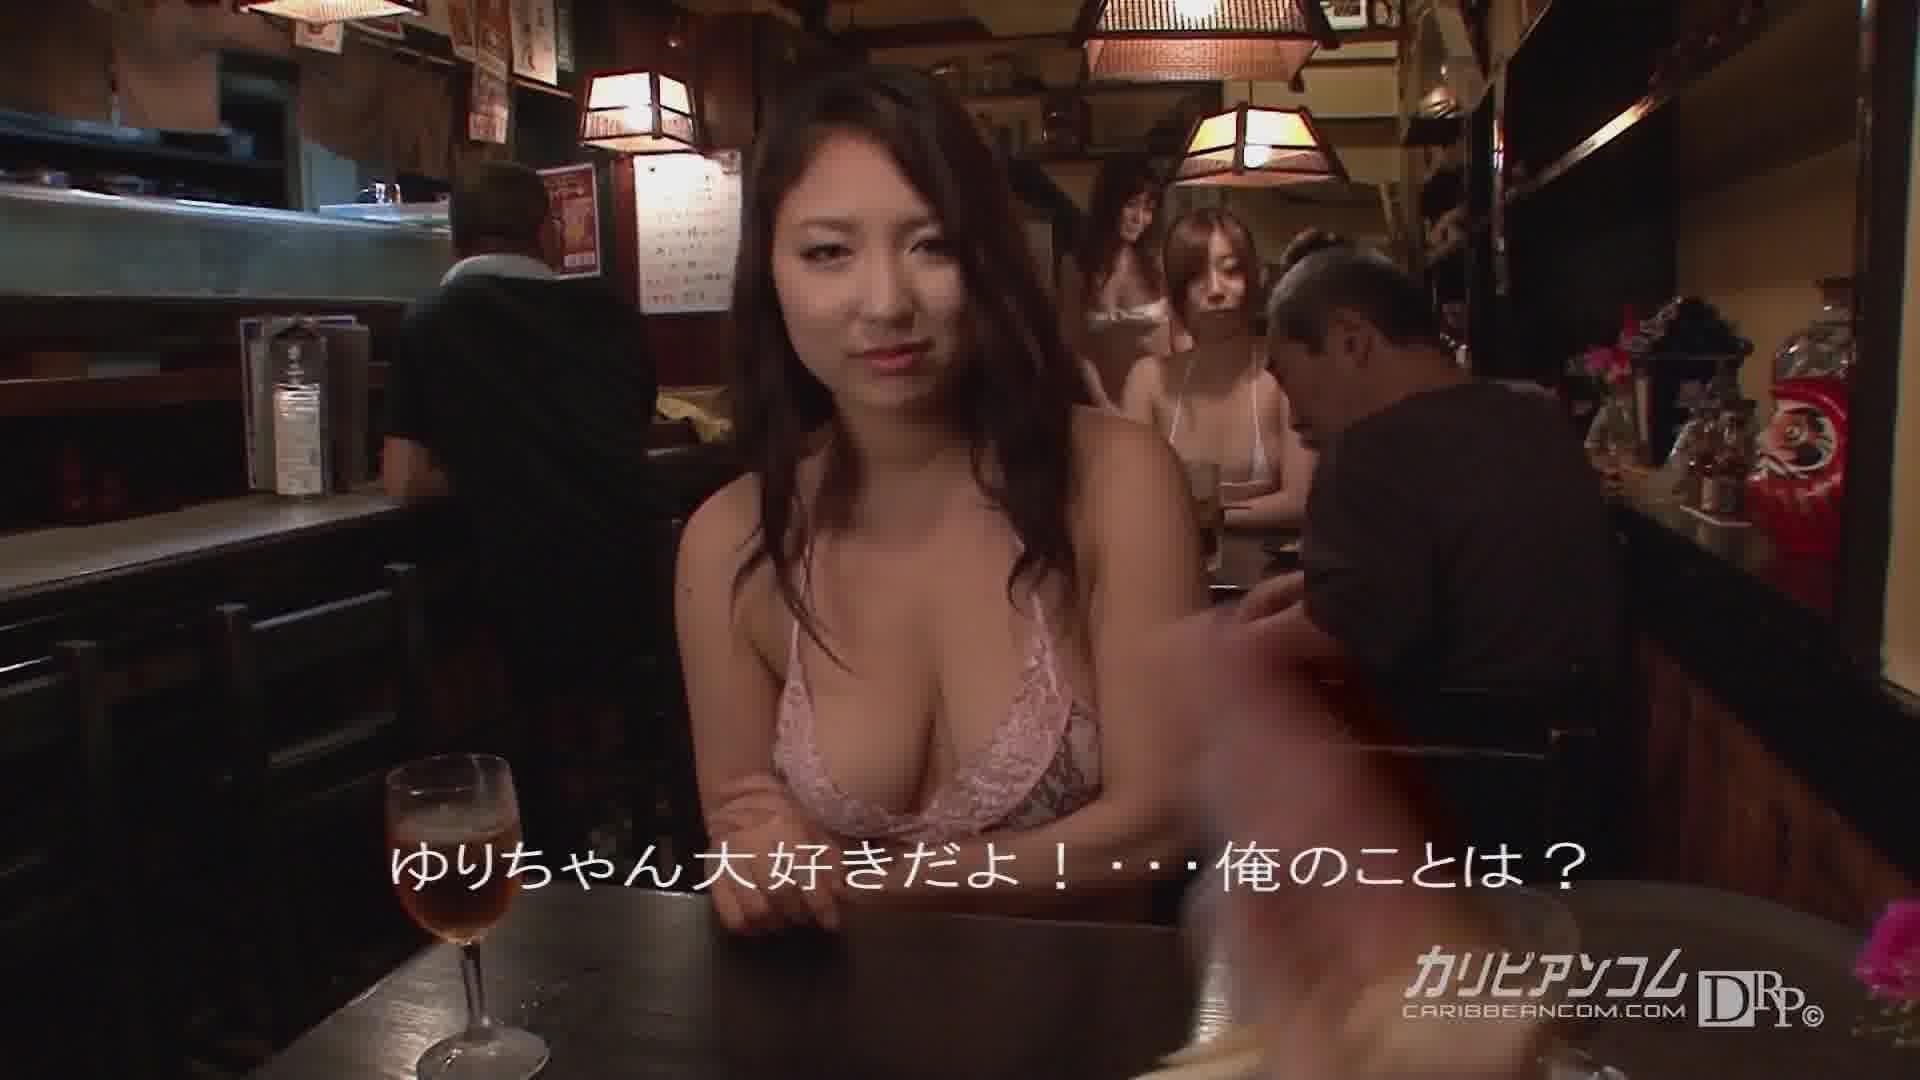 破廉恥居酒屋 - 本真ゆり【水着・潮吹き・初裏】